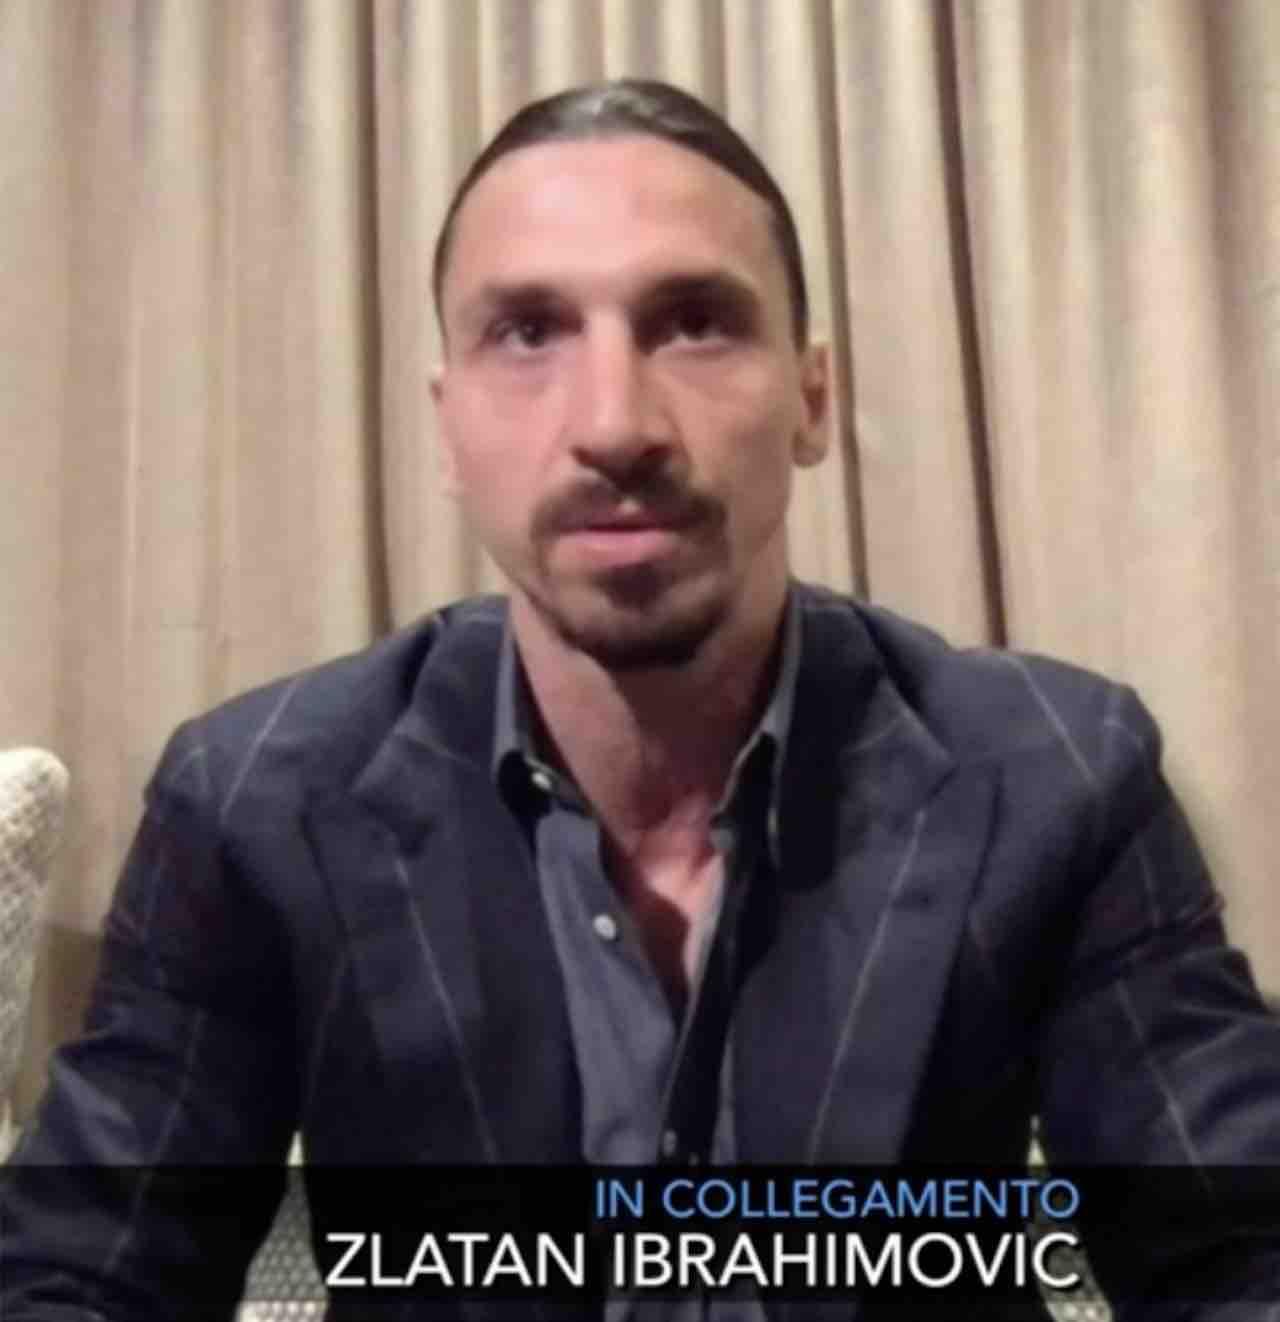 """Che tempo che fa, Fabio Fazio a Zlatan Ibrahimovic: """"Se tu fai il presentatore io faccio il calciatore"""" ma la risposta di Ibrahimovic fa rimanere di ghiaccio Fazio che non controbatte"""